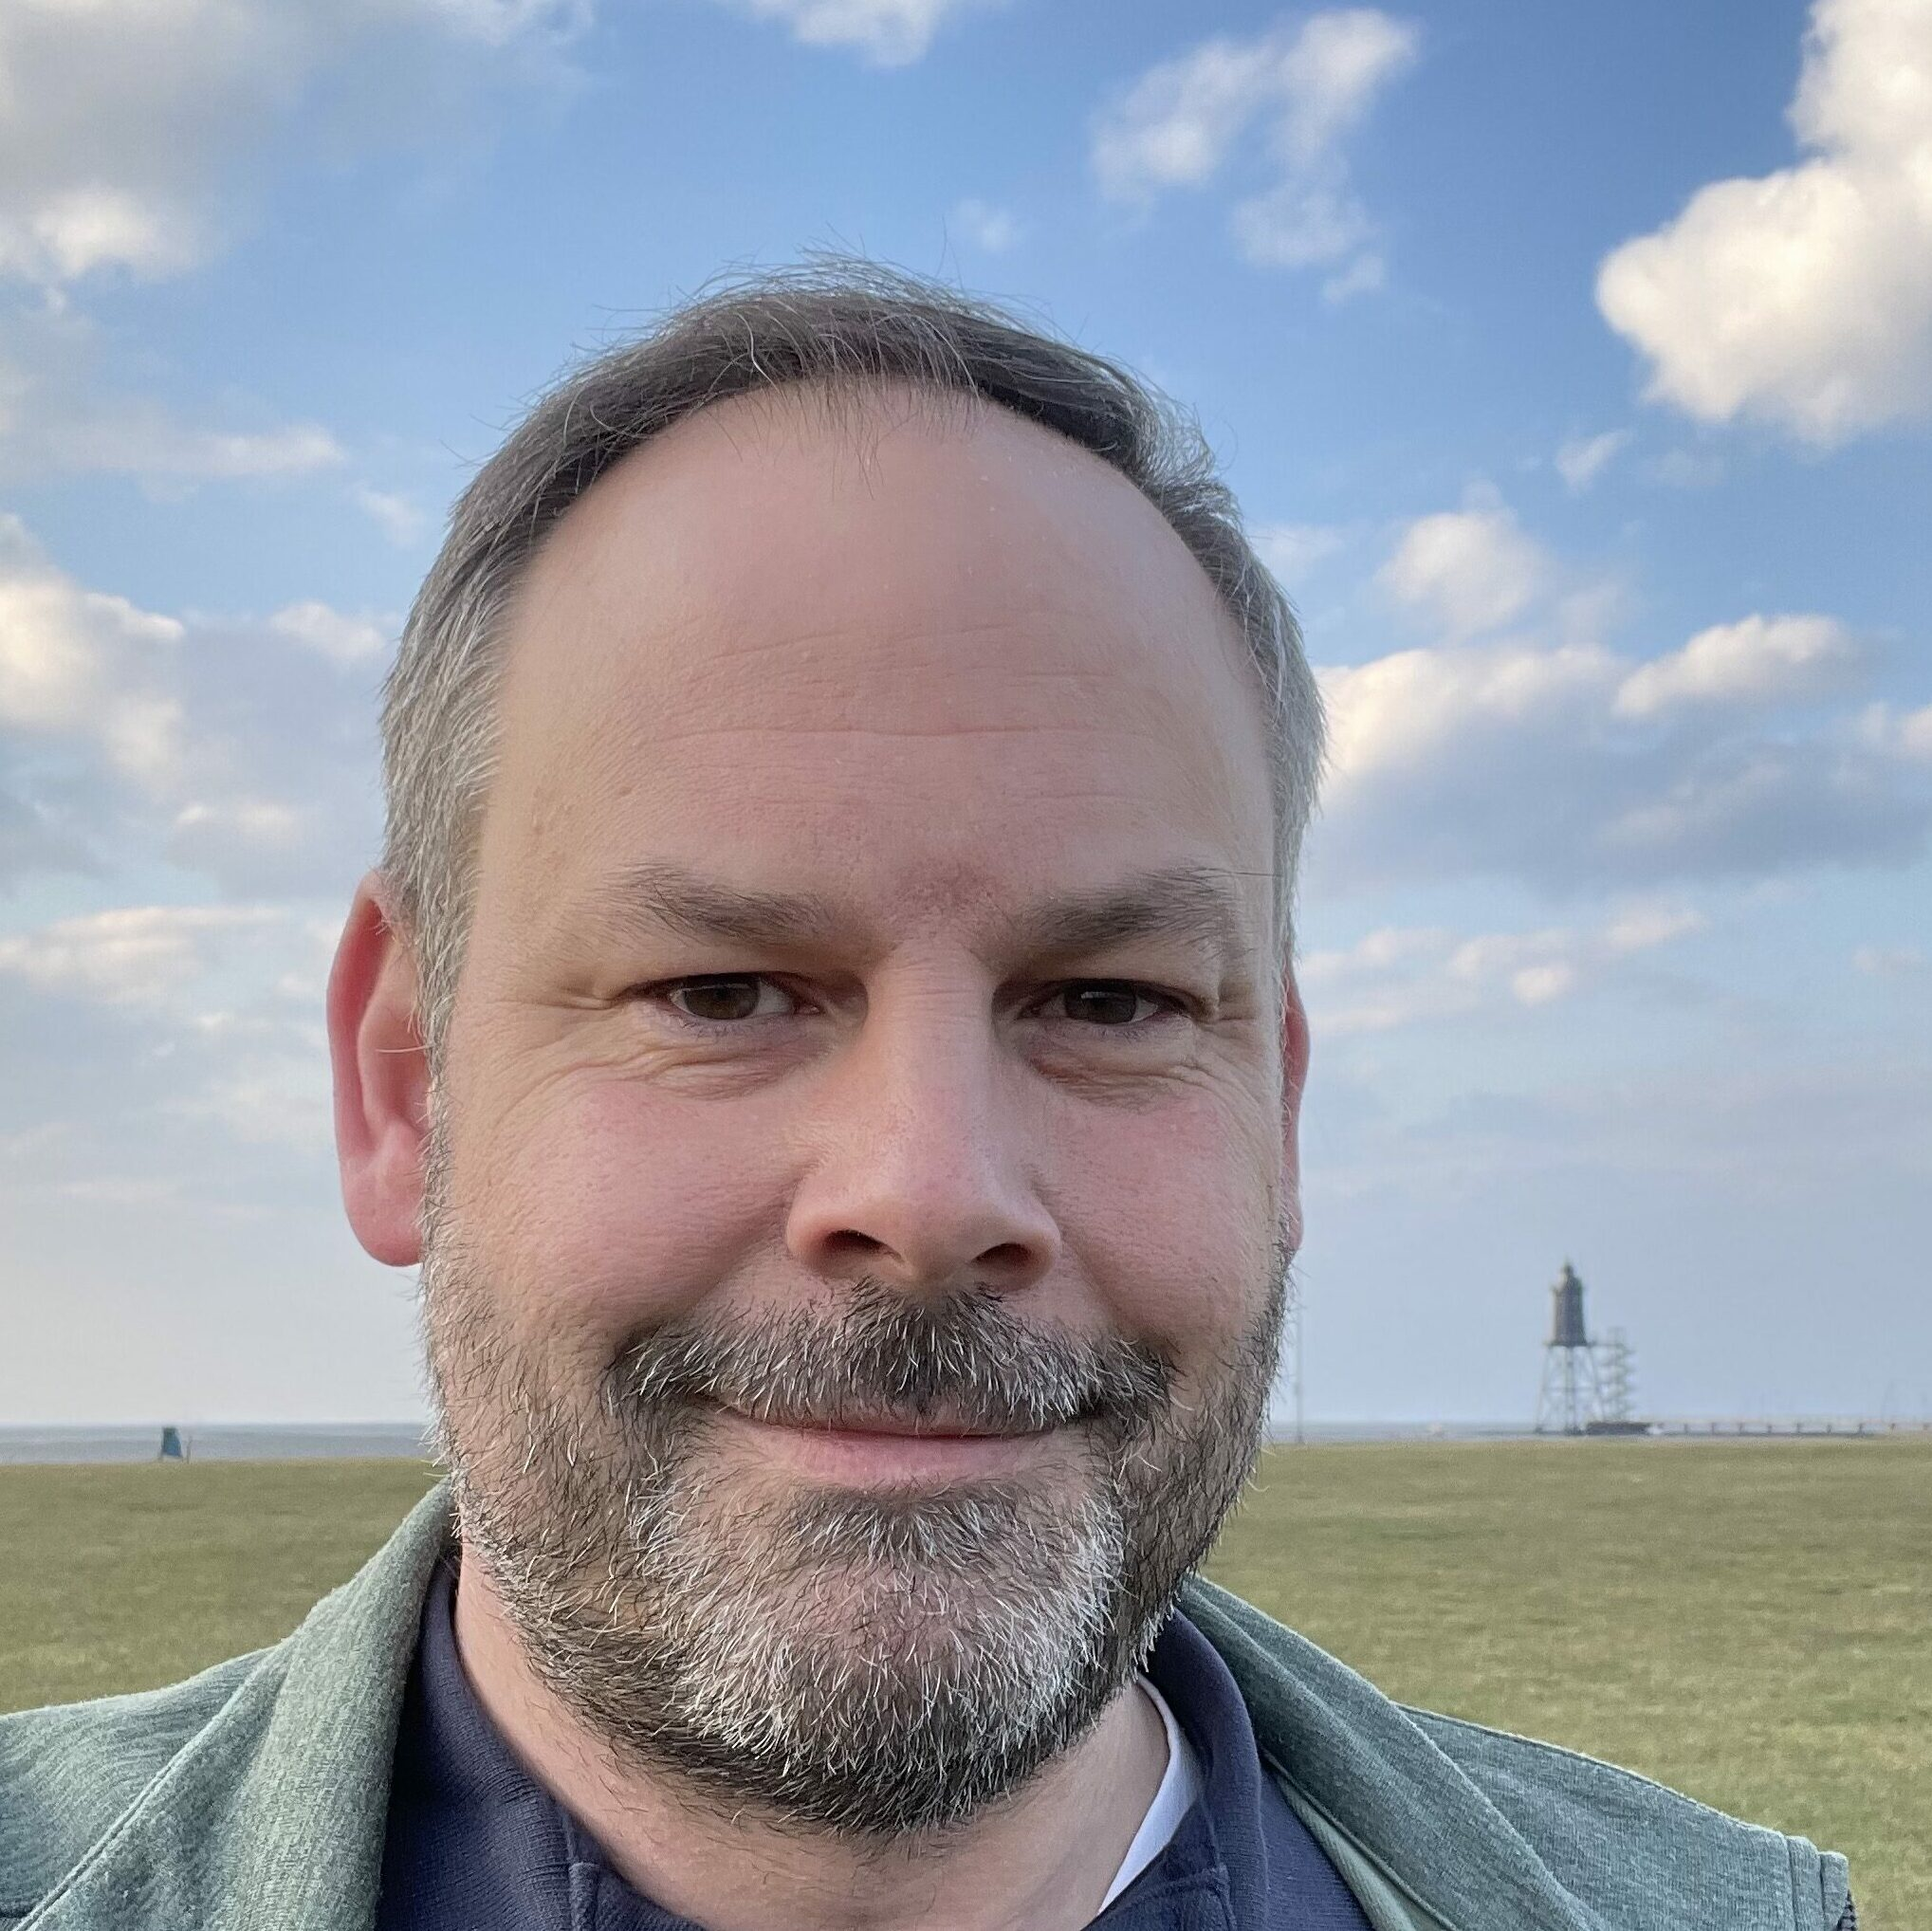 Fraktionsvorsitzender Jörg-Andreas Sagemühl